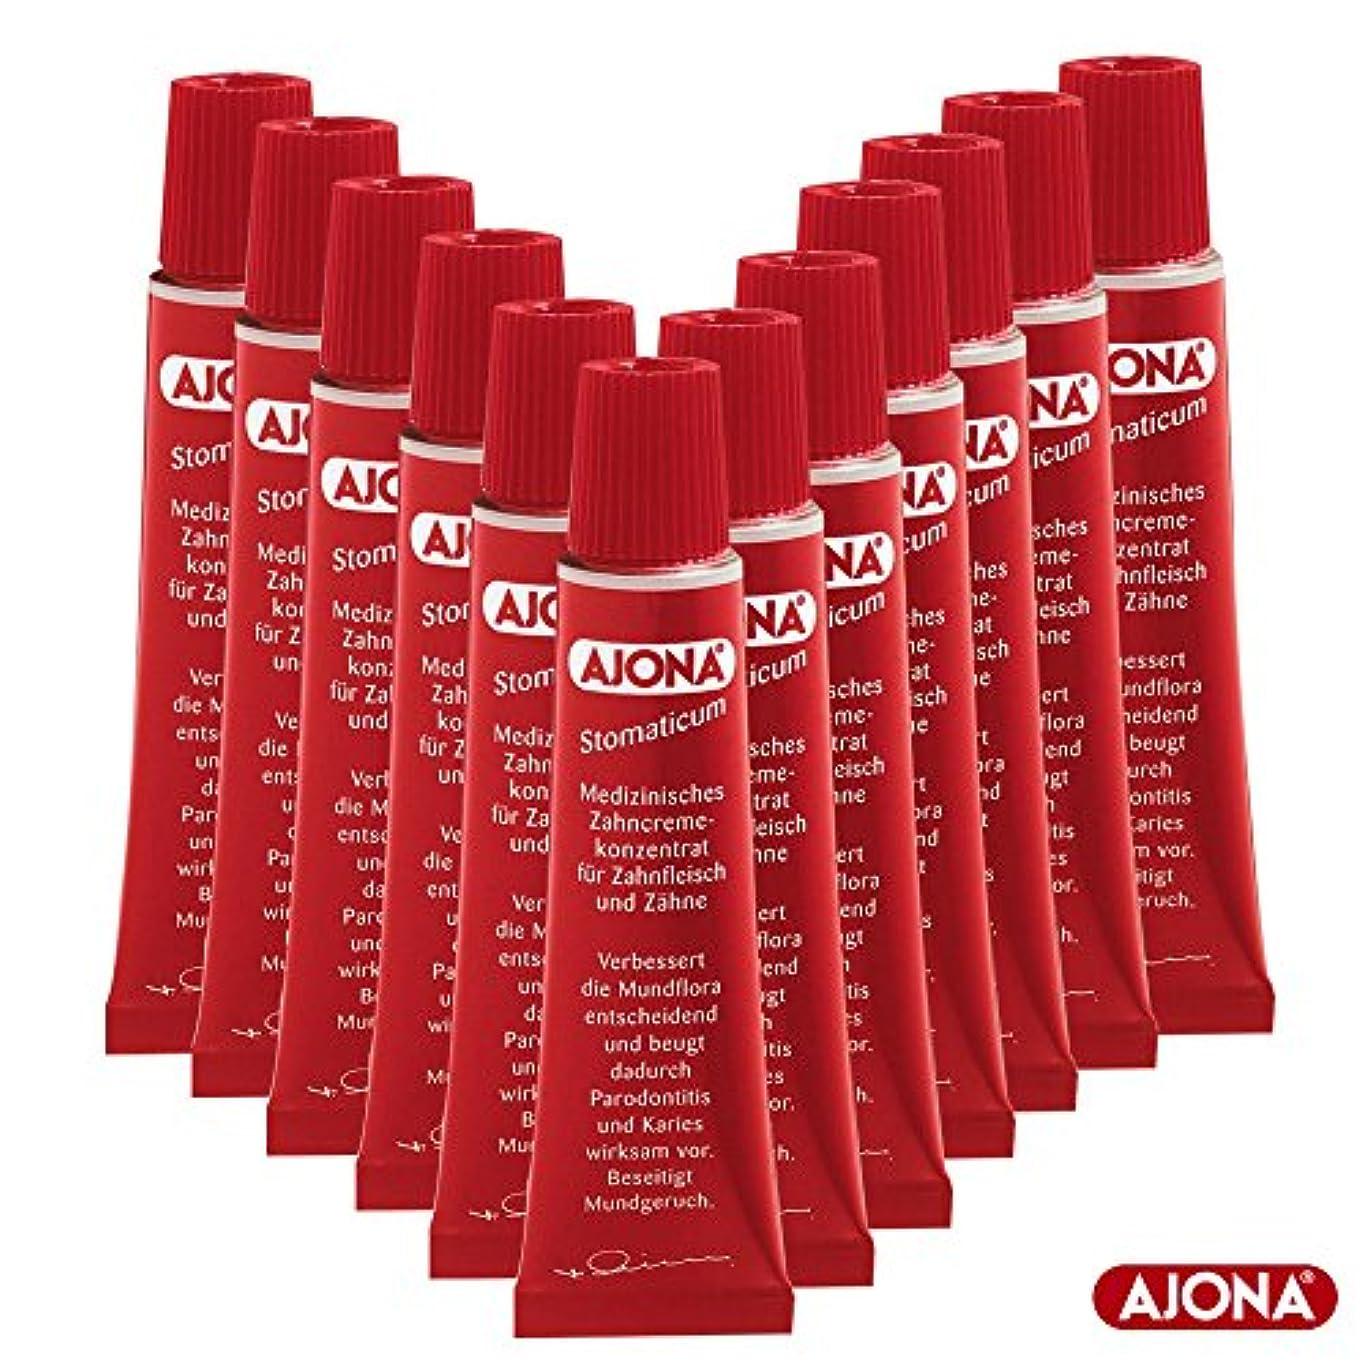 バインド反逆者標準Ajona 濃縮歯磨き粉 Stomaticum Toothpaste 25ml(12x 25ml)-12Pack [並行輸入品]